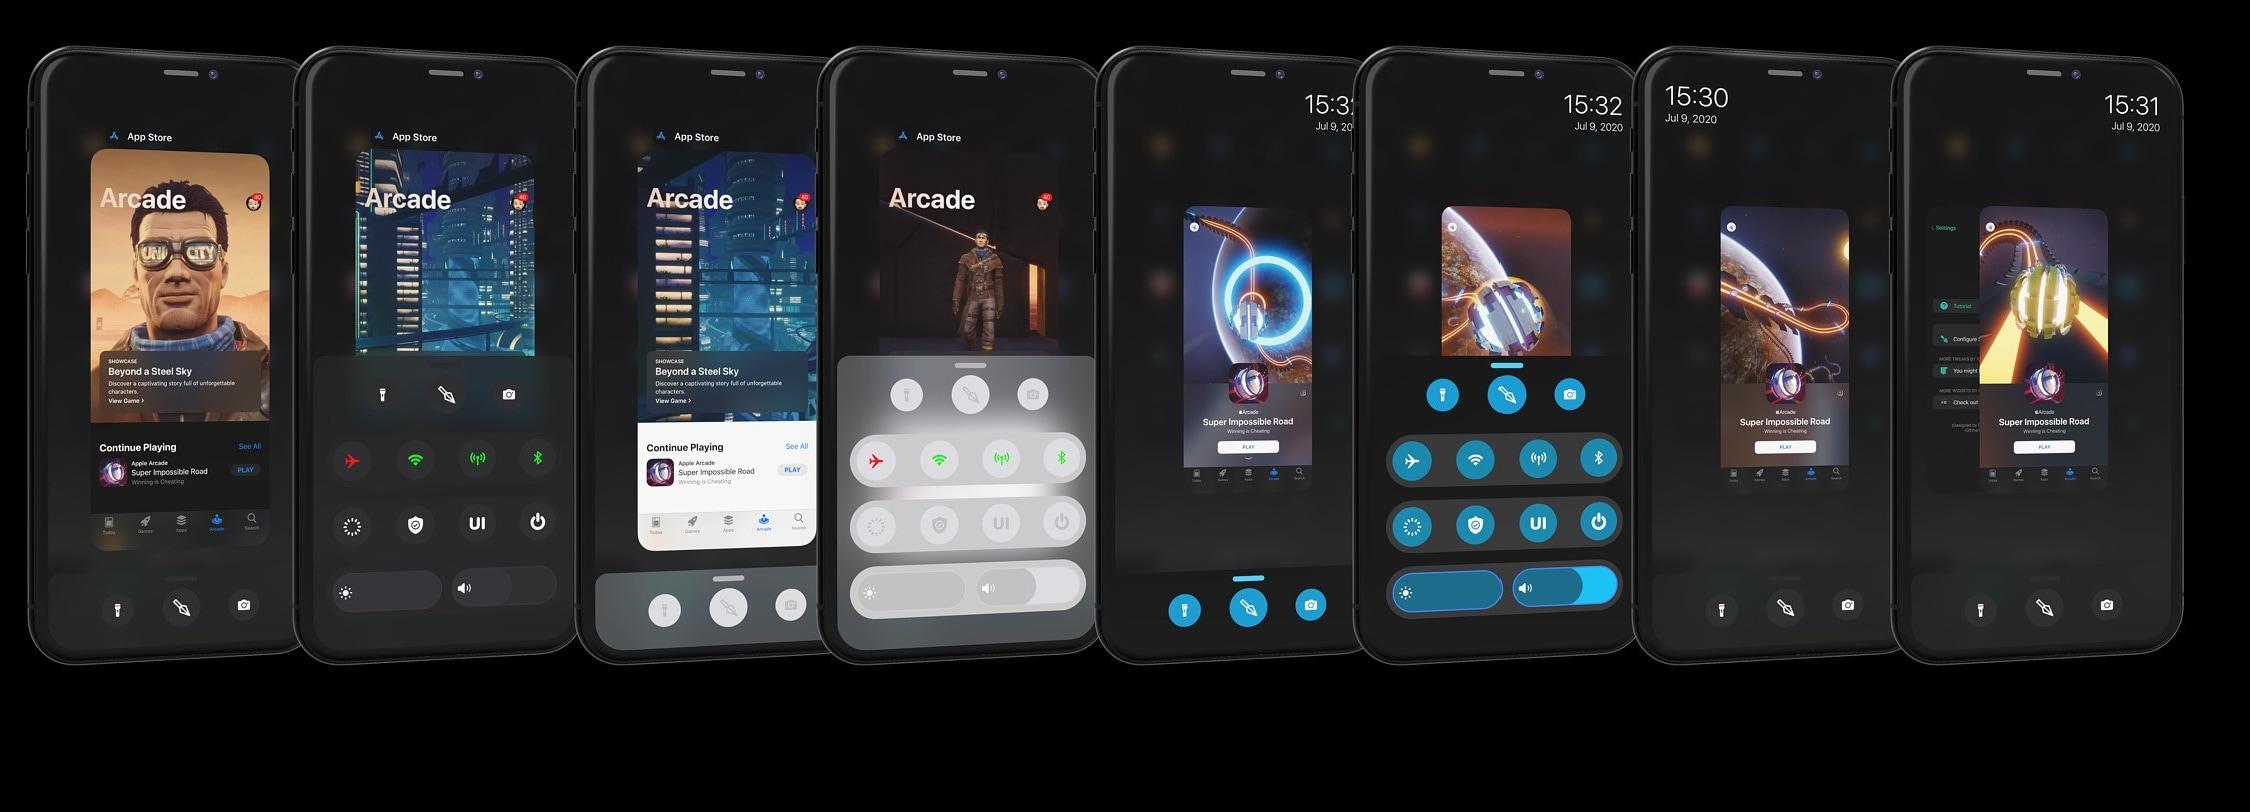 Aktualizujte aplikáciu Switcher na zariadení iPhone pomocou aplikácie Spear 1